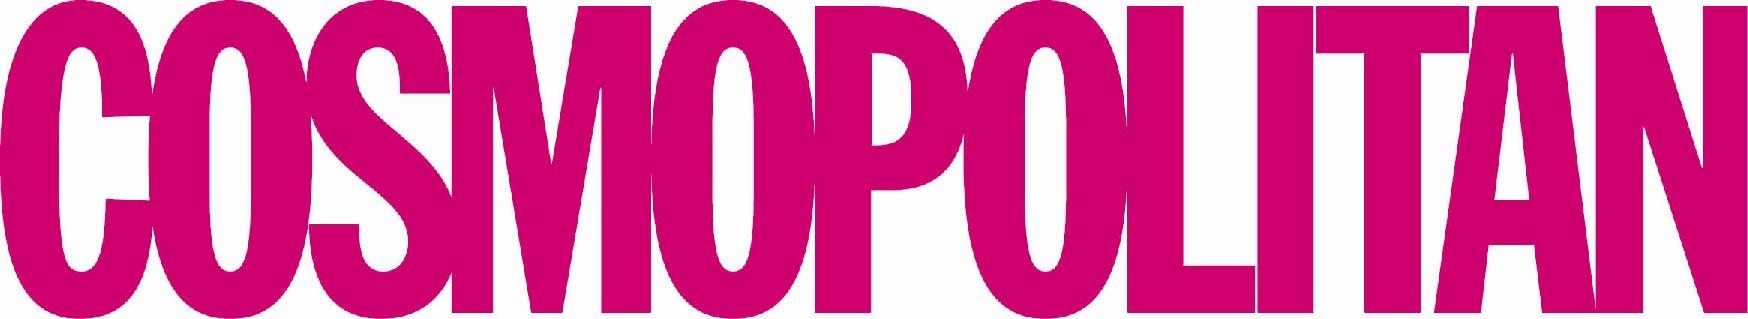 Logotipos De Empresas 5 Consejos Para Su Diseno Perfecto